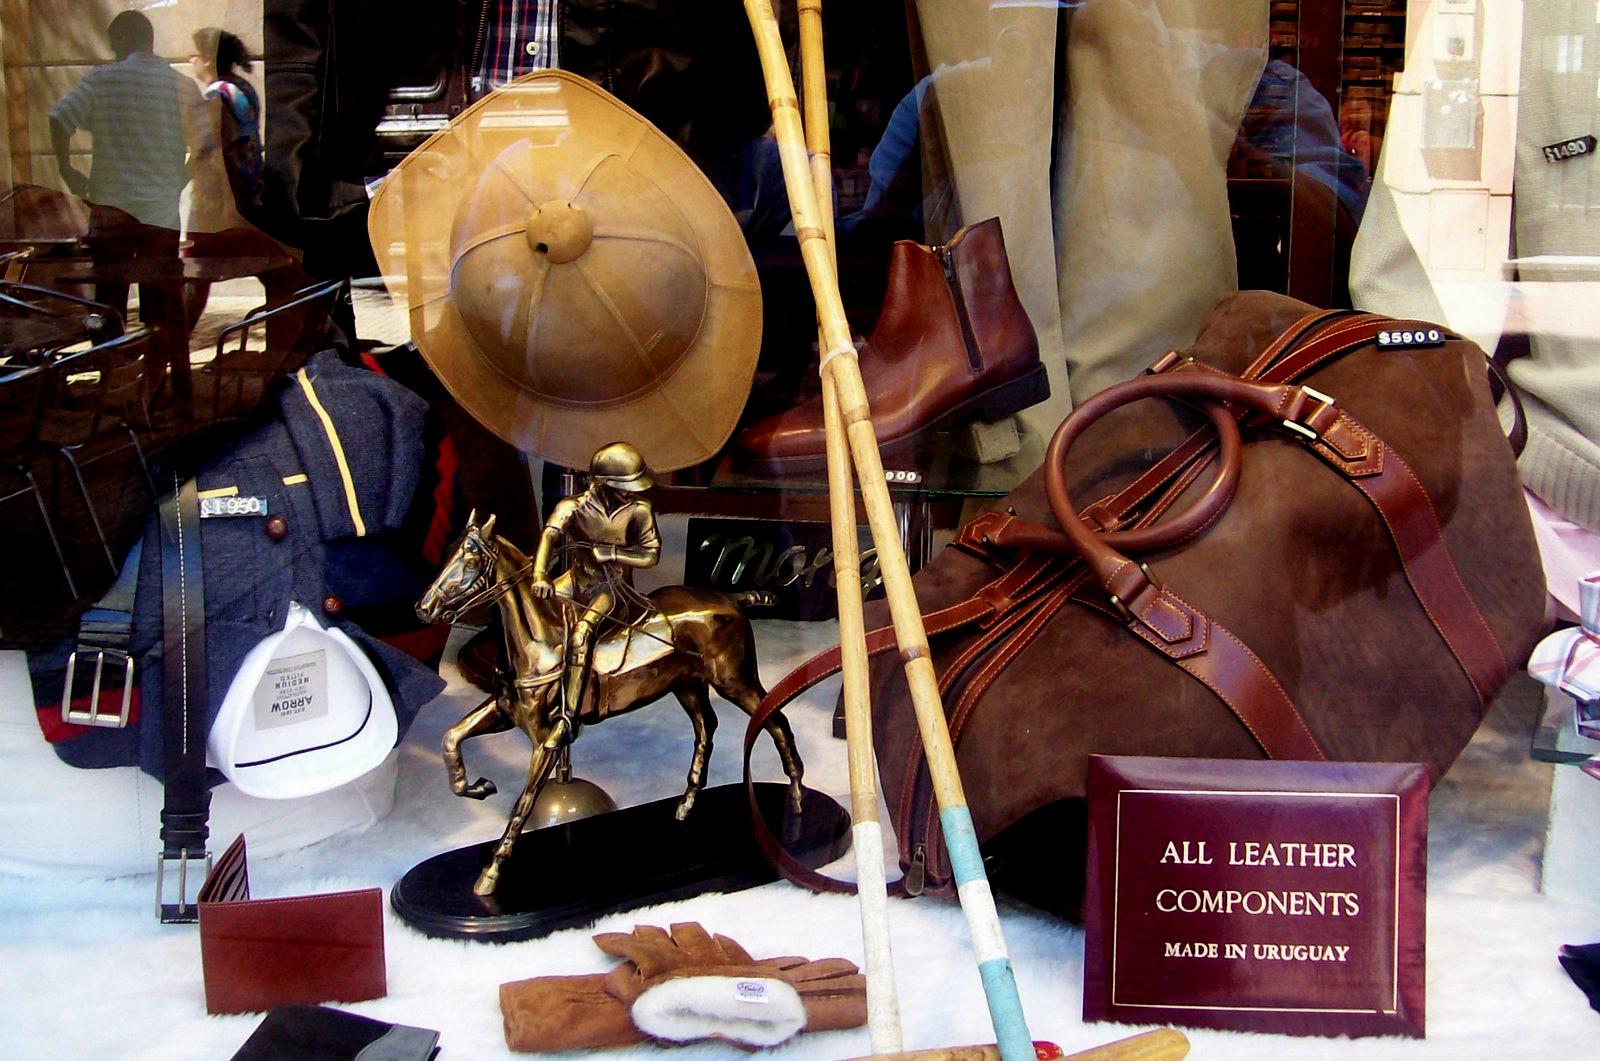 Geschäft für Polobedarf in Montevideo